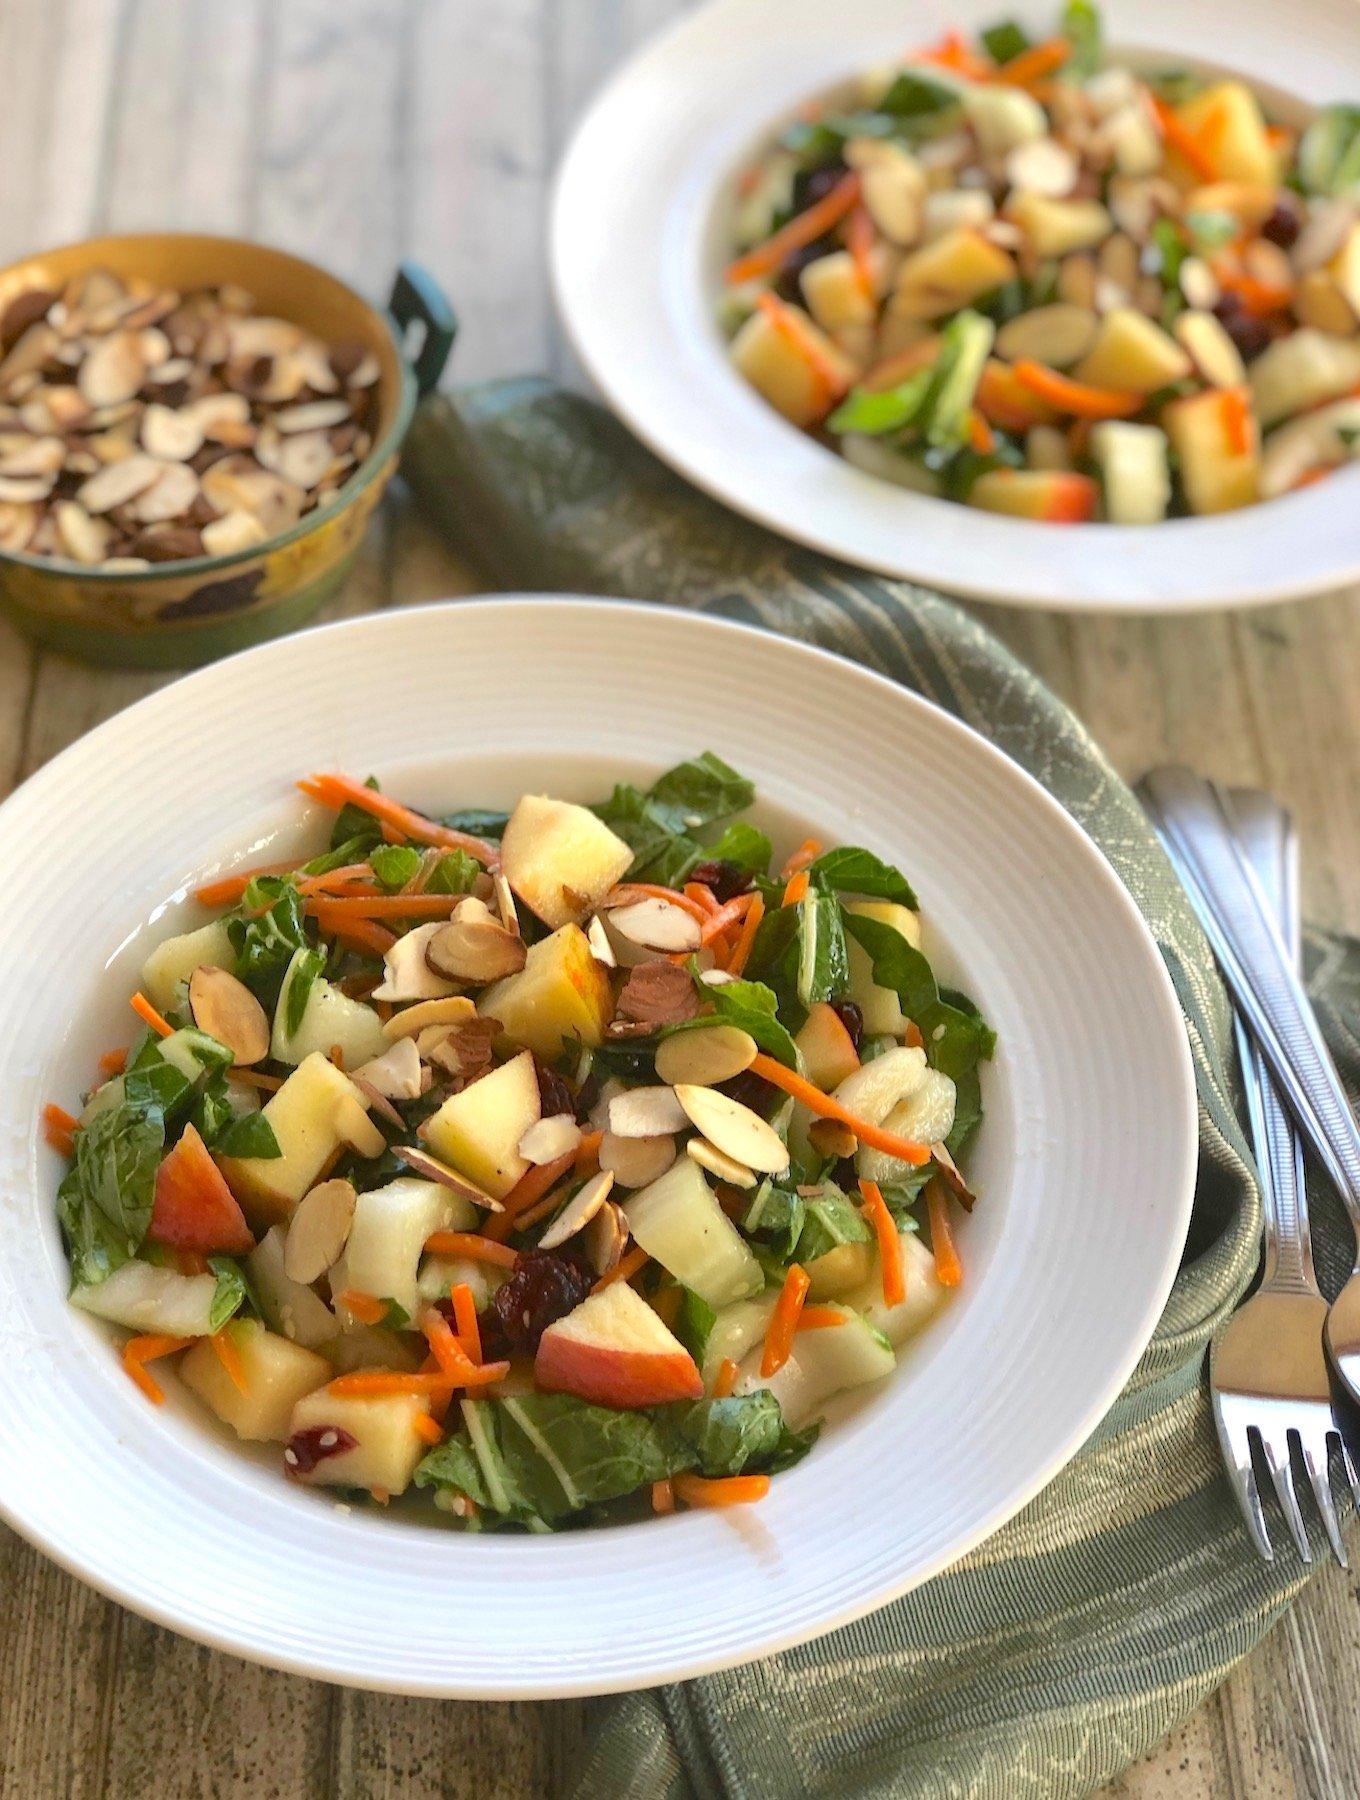 Bok choy and apple salad